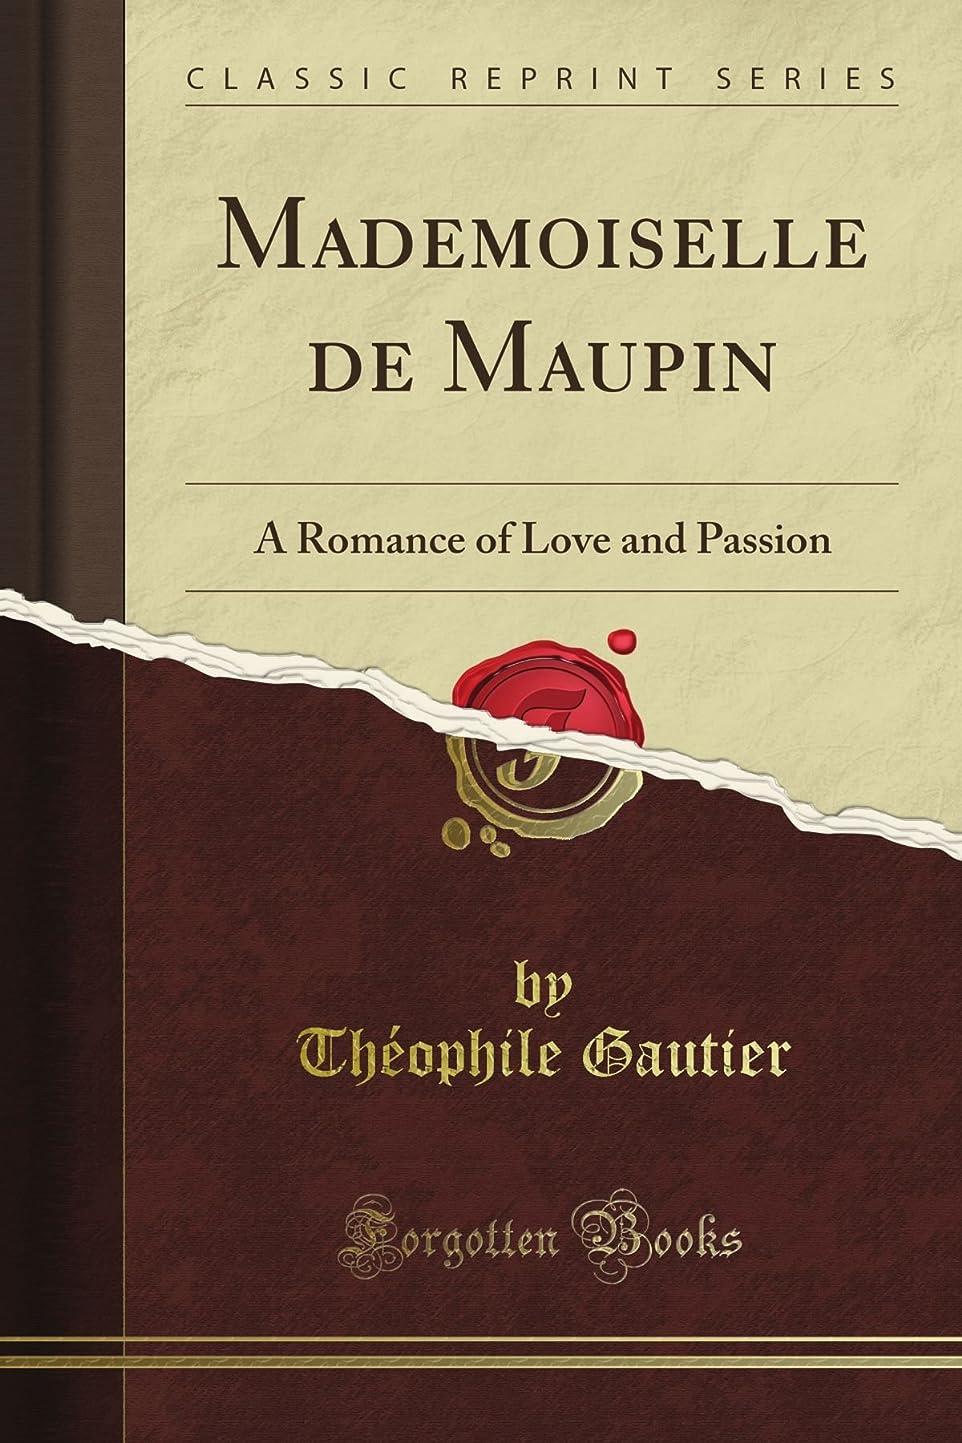 花火シェル多くの危険がある状況Mademoiselle de Maupin: A Romance of Love and Passion (Classic Reprint)